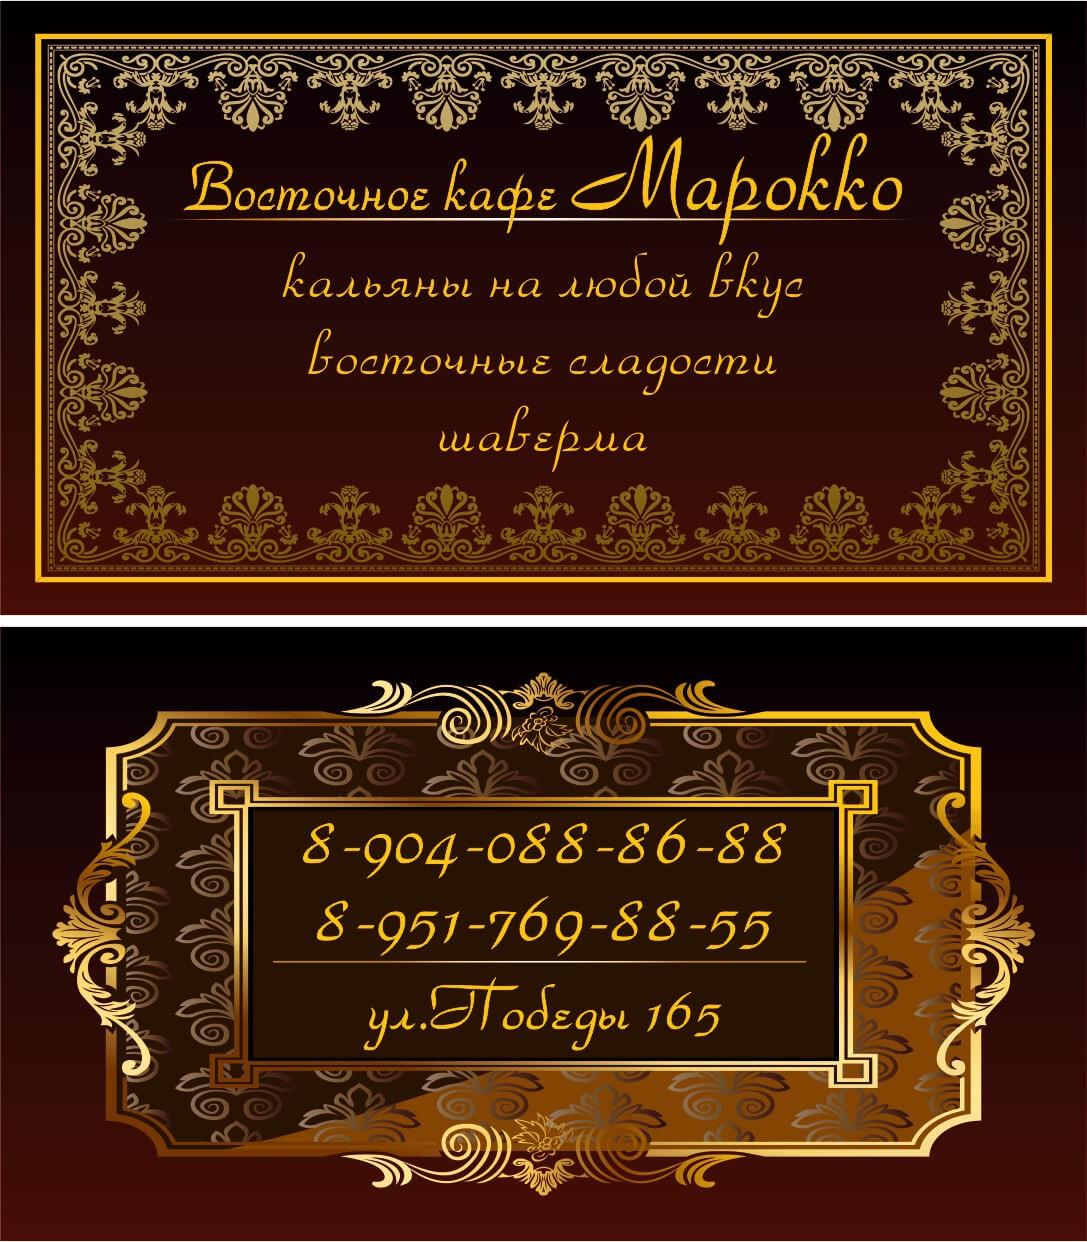 визитки в восточном стиле фото примеры обоями картинками рабочий